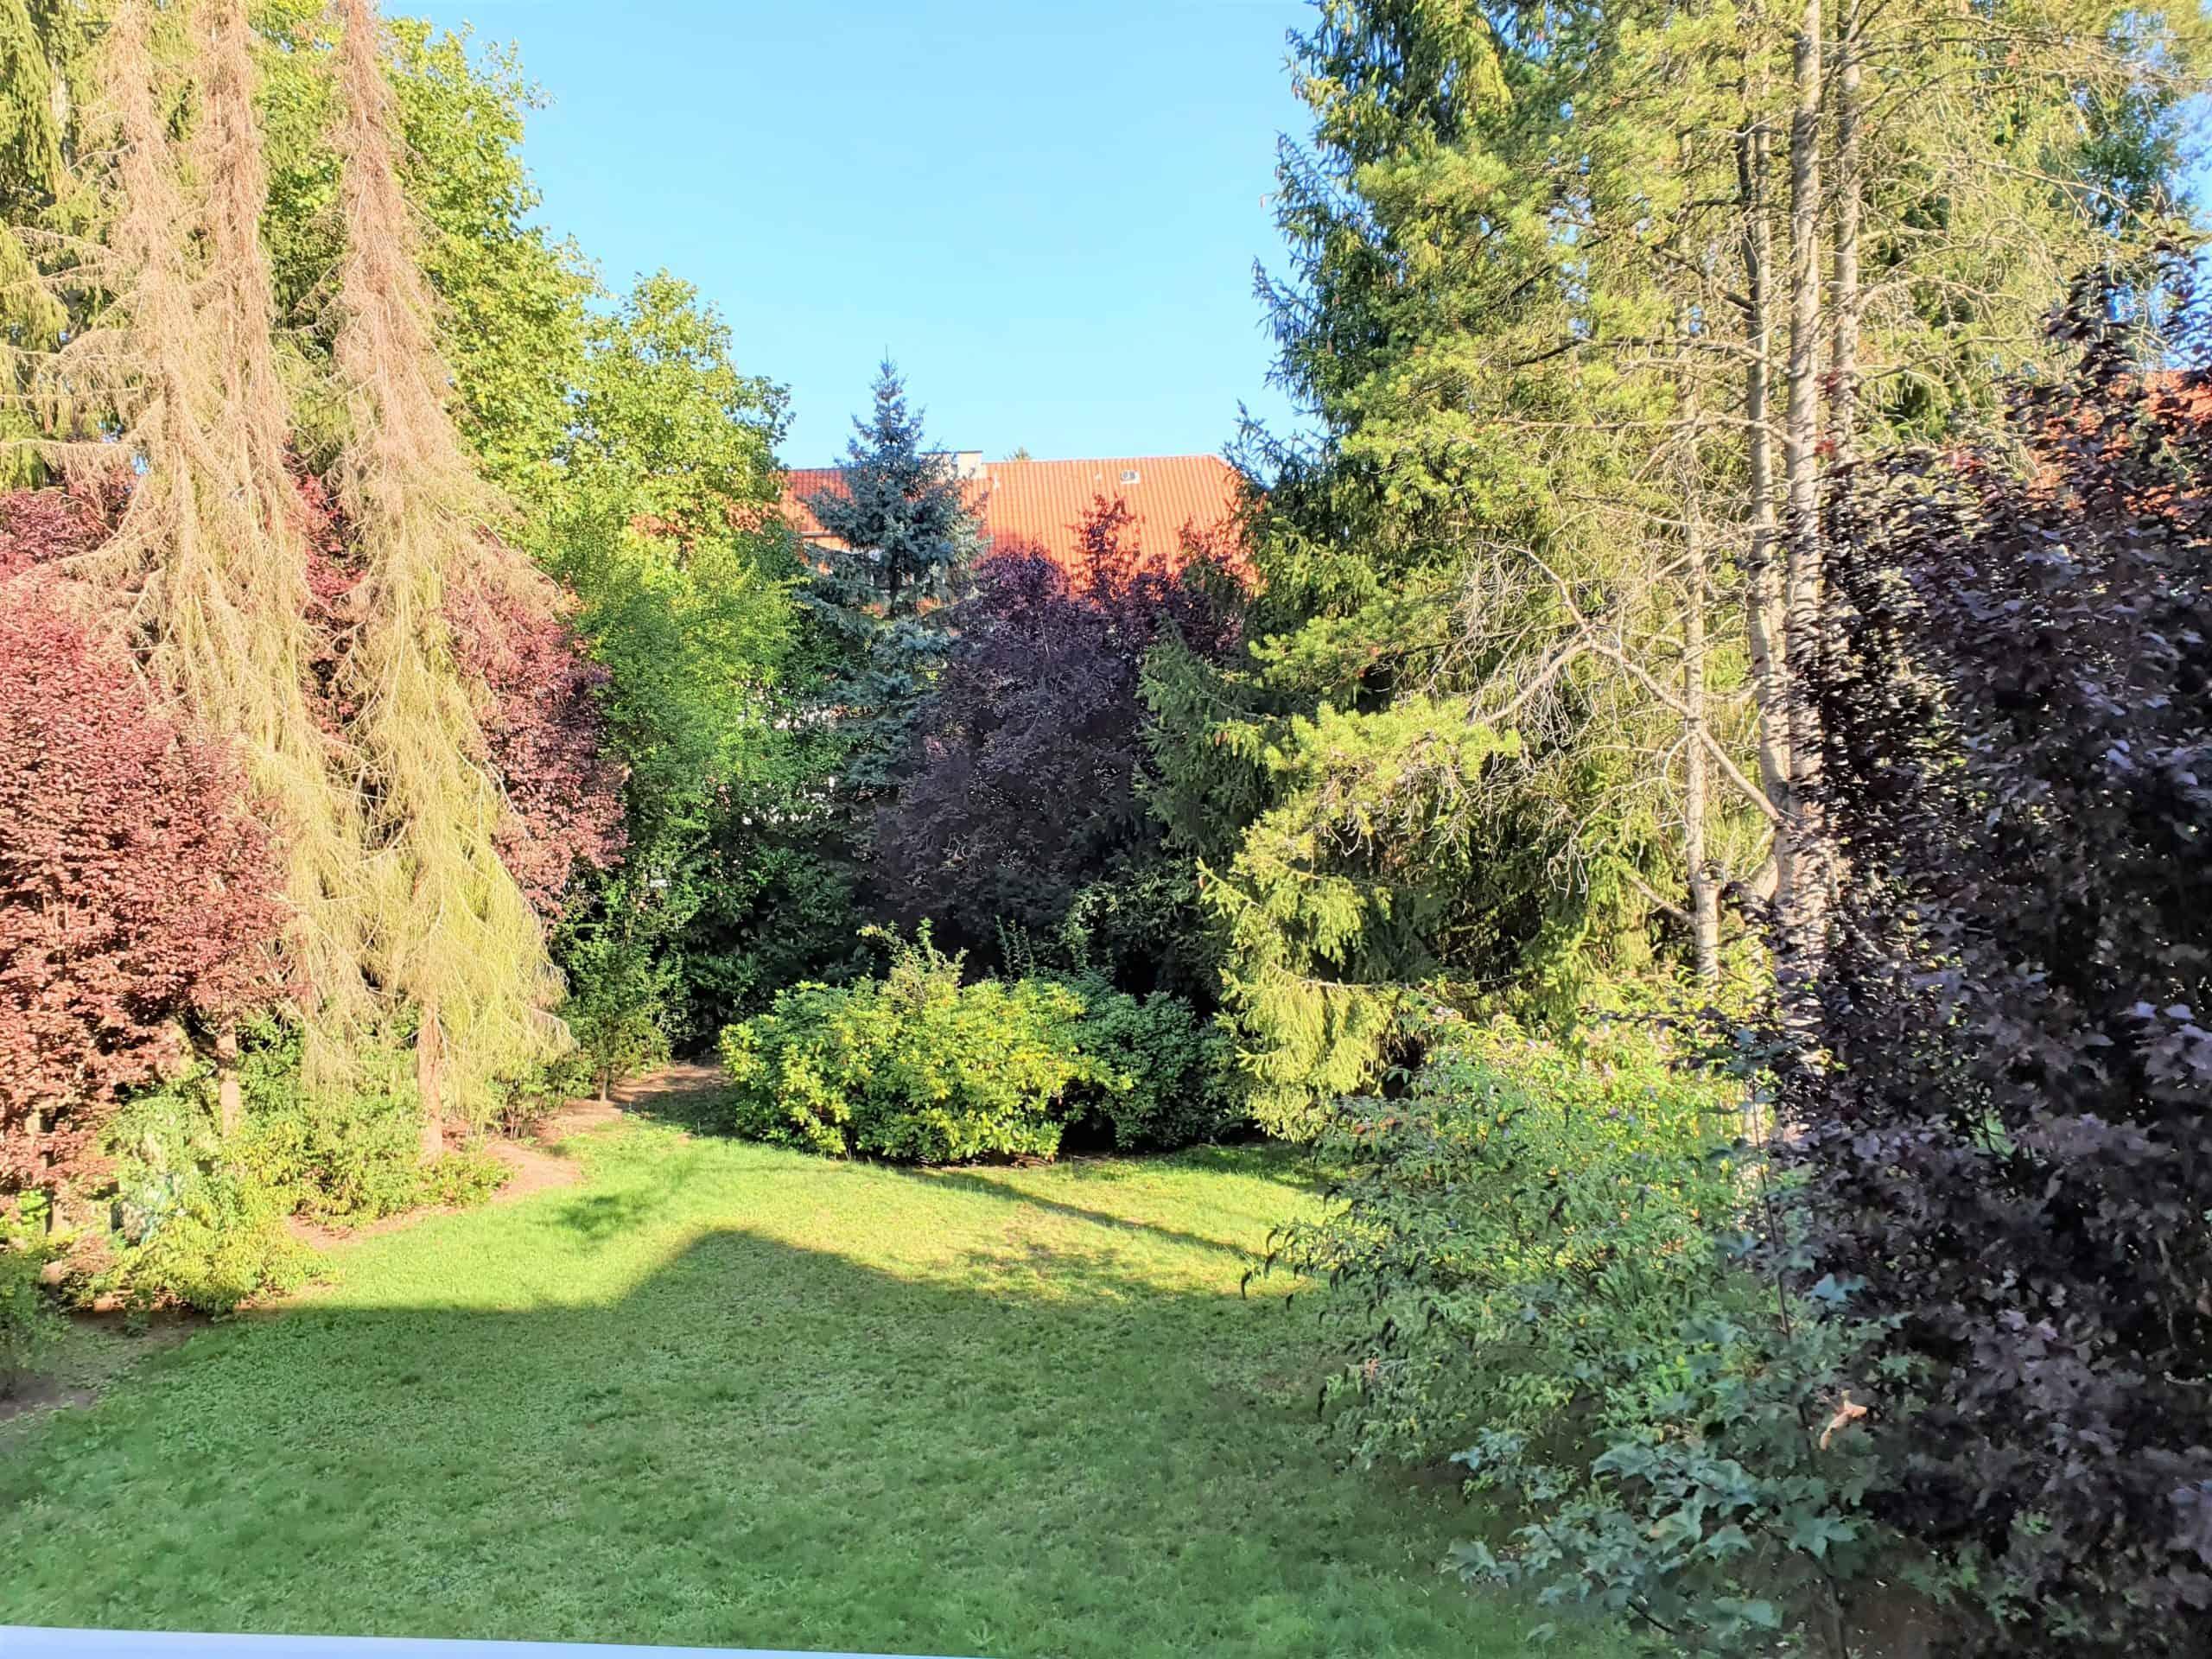 Blick in den Garten vom rückwärtigen Balkon